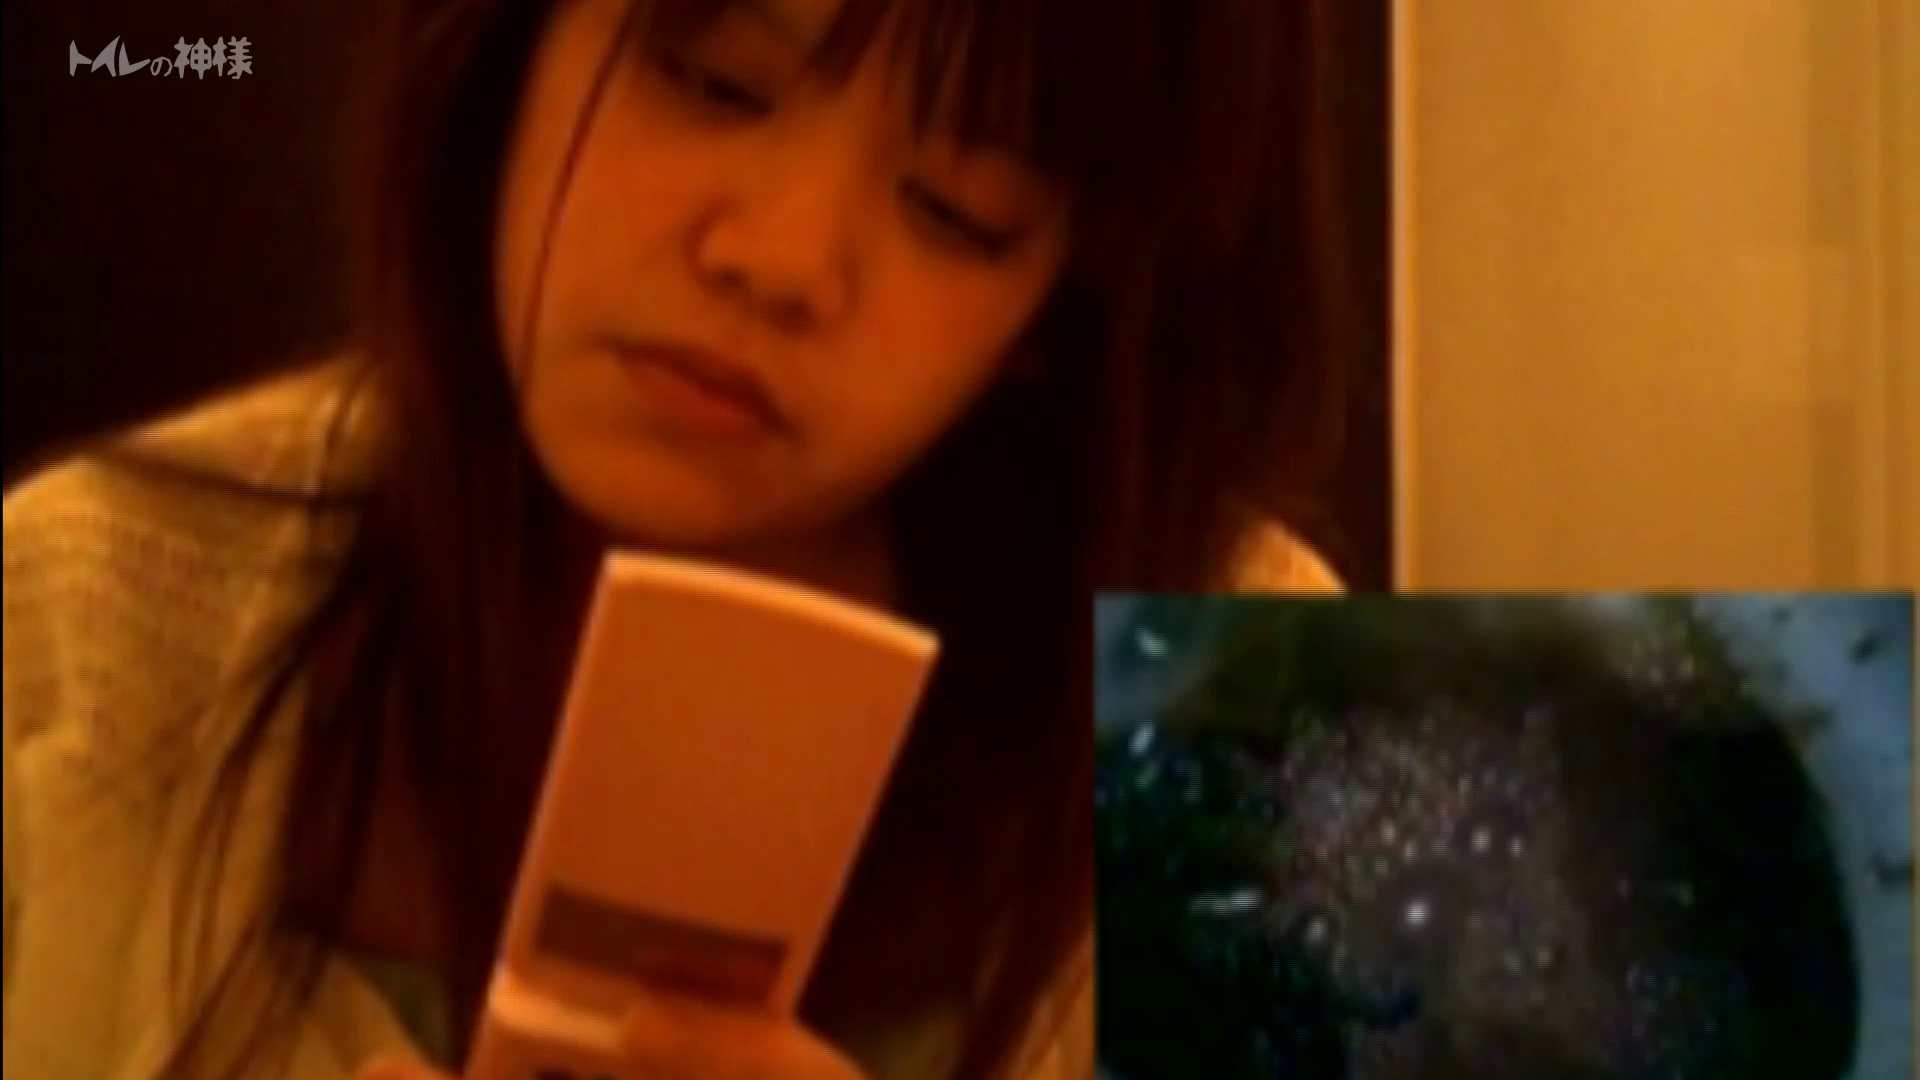 トイレの神様 Vol.03 彼女のうんち隠し撮り 丸見え セックス無修正動画無料 111枚 67